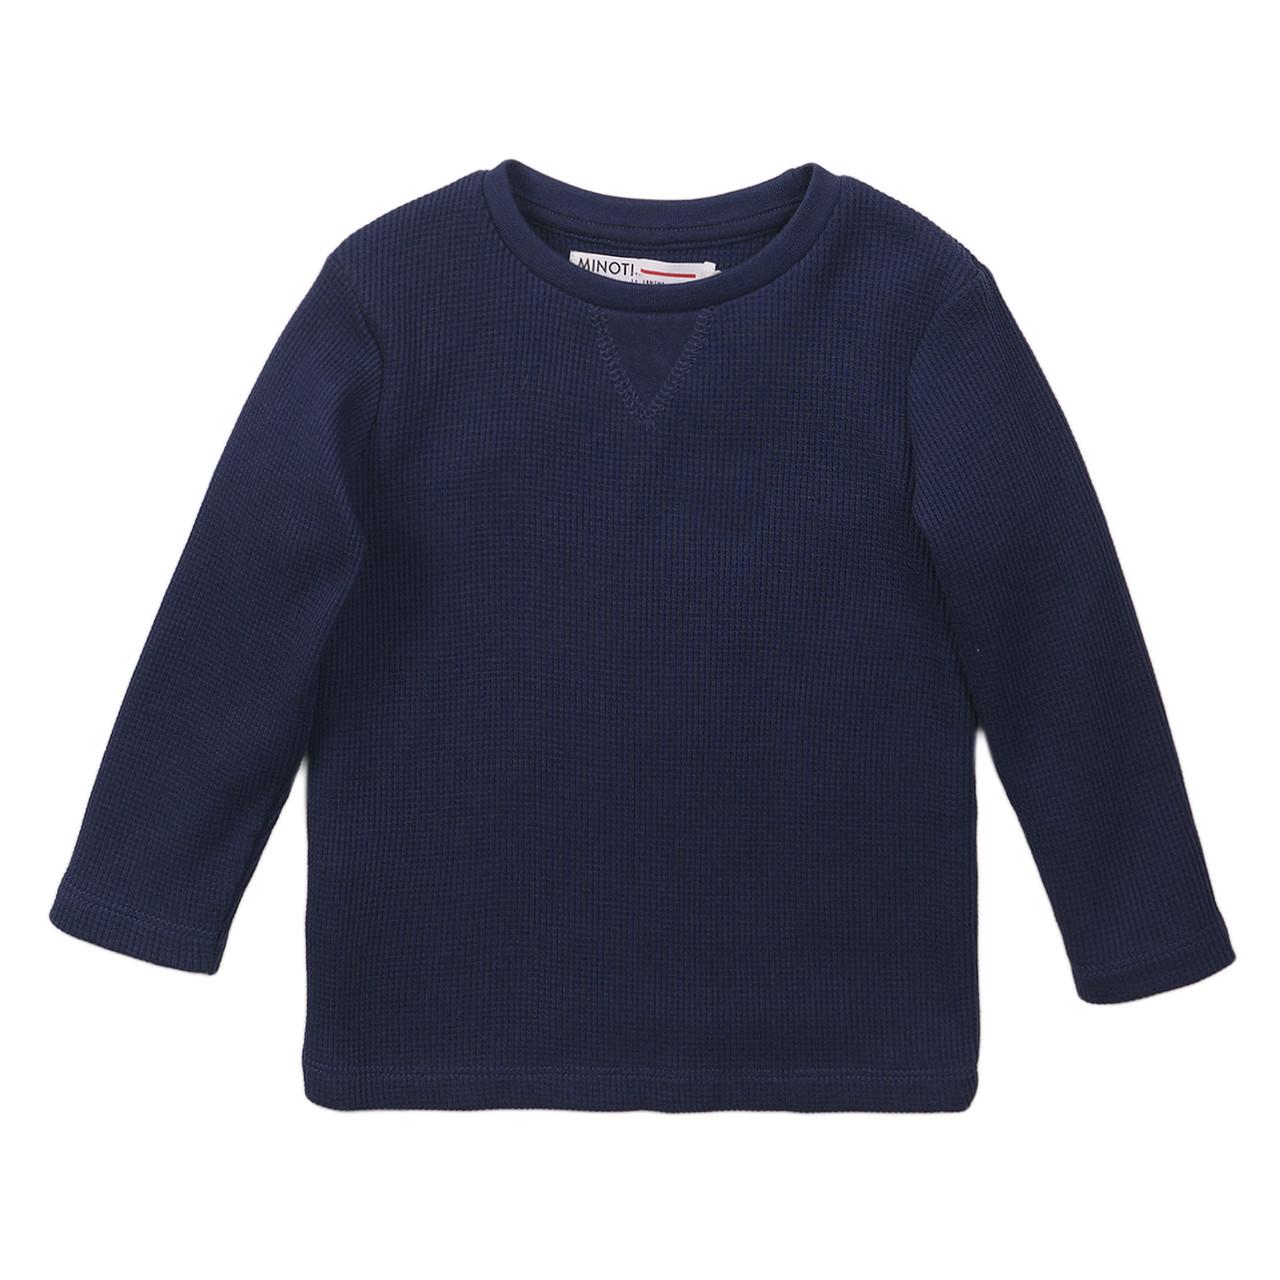 Детский и подростковый реглан лонгслив для мальчиков 10-13 лет, 140-146 см